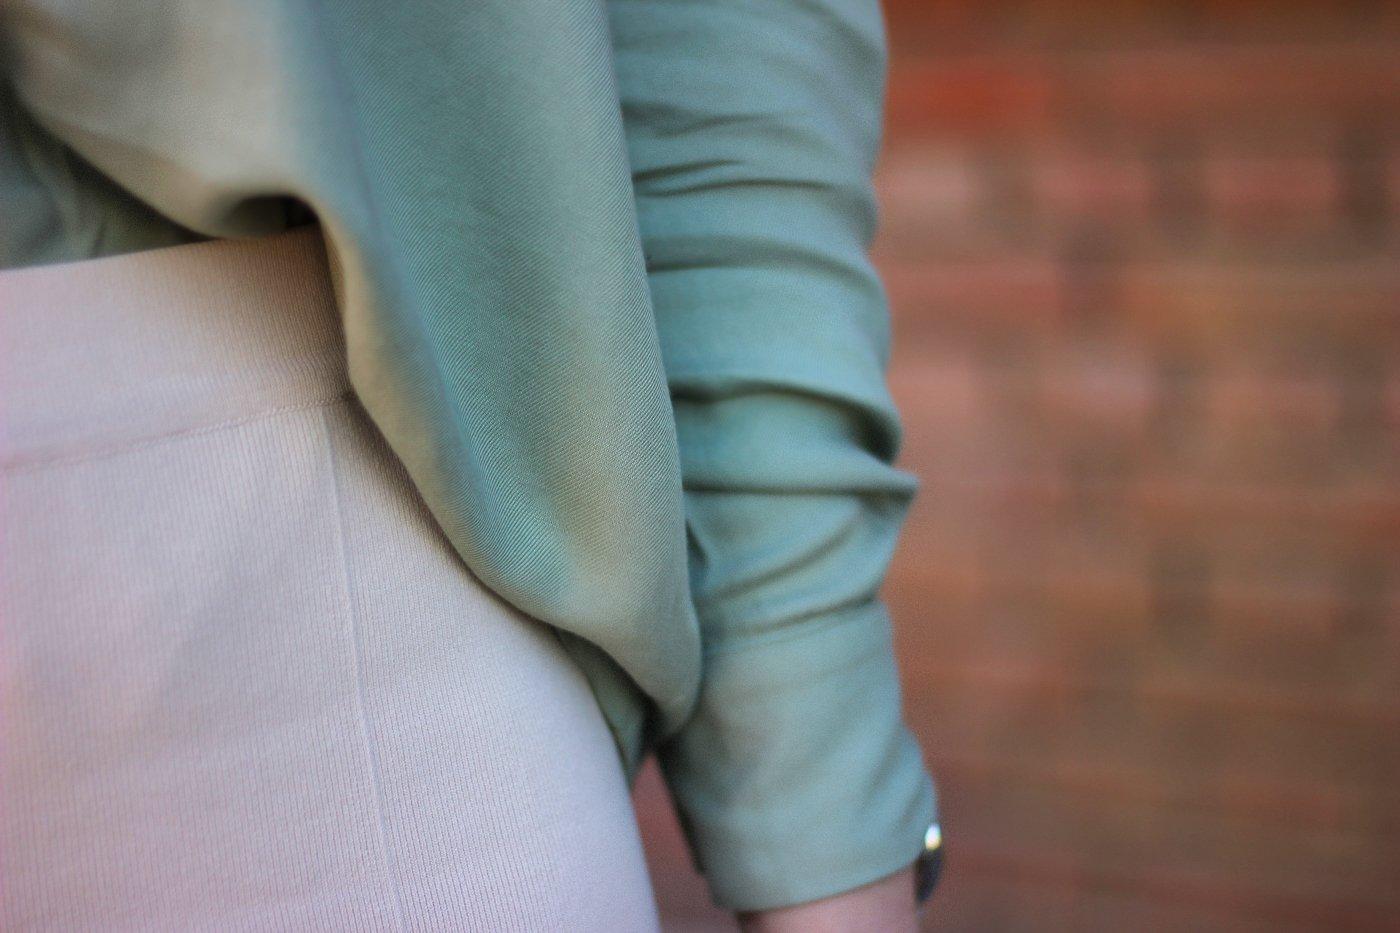 conny doll lifestyle: grüne Bluse, Strickhose, Details